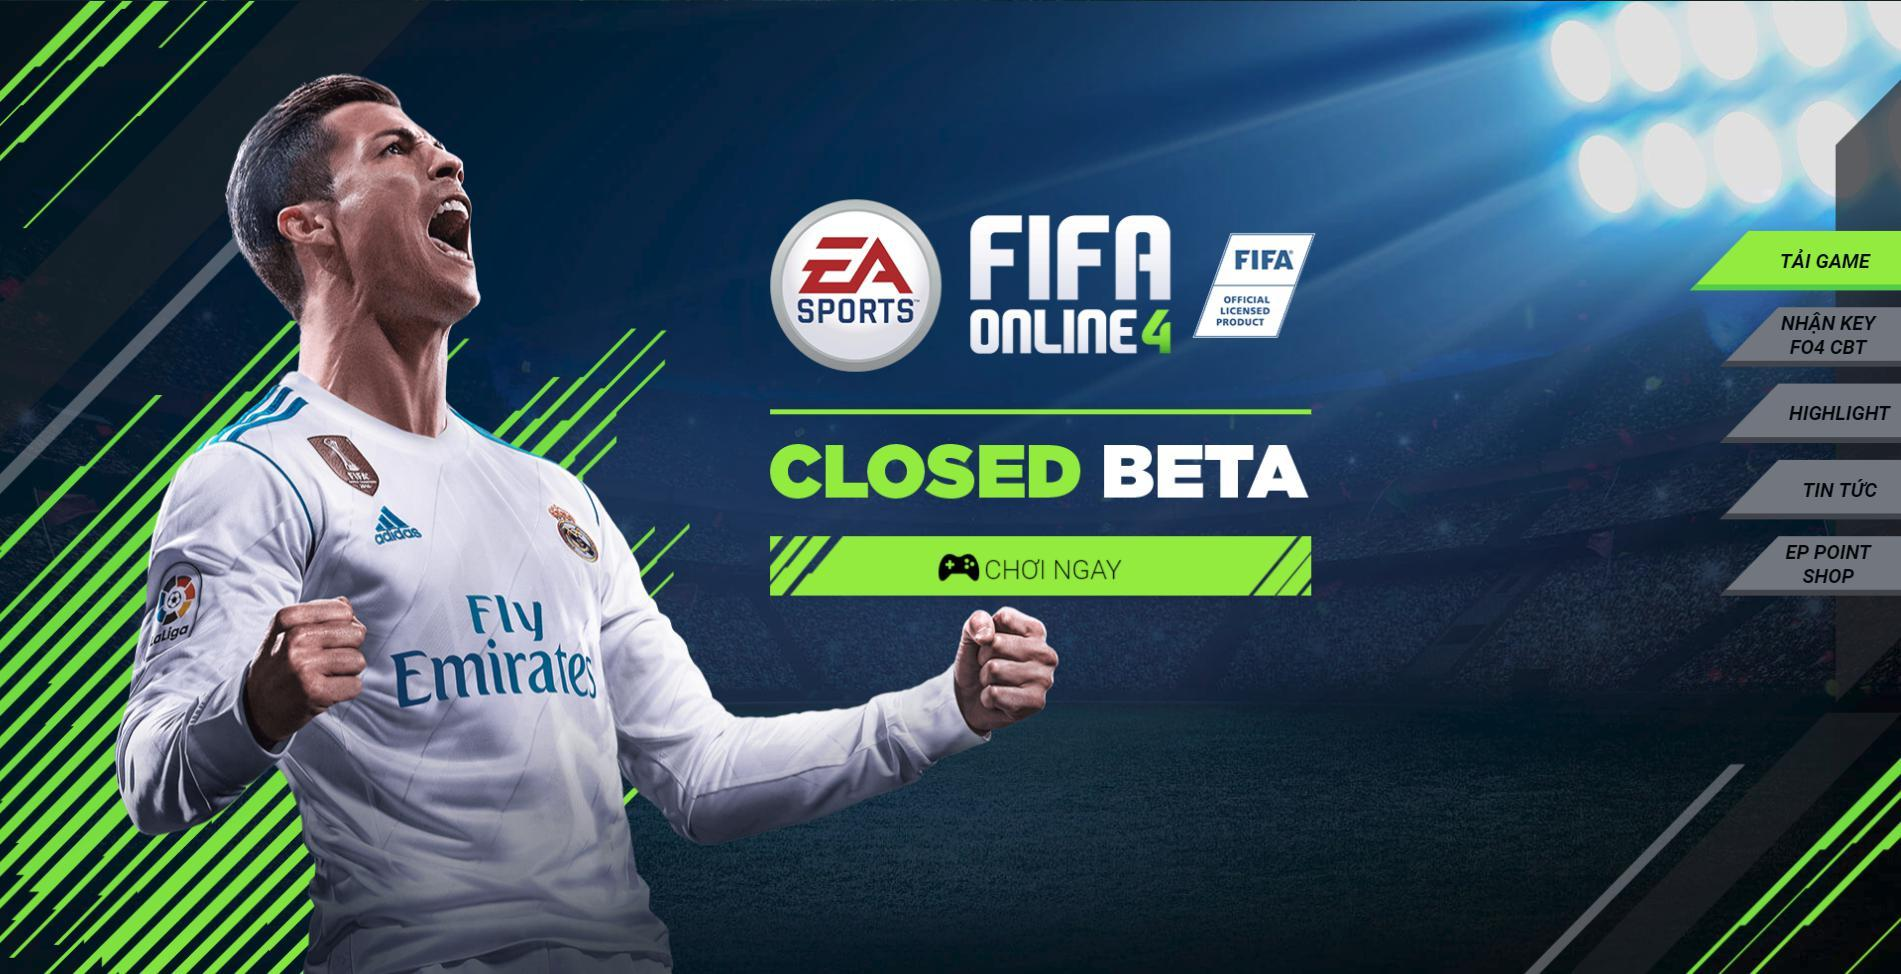 Tặng key Closed Beta FIFA Online 4, hướng dẫn cách kích hoạt chơi FO4 mới nhất